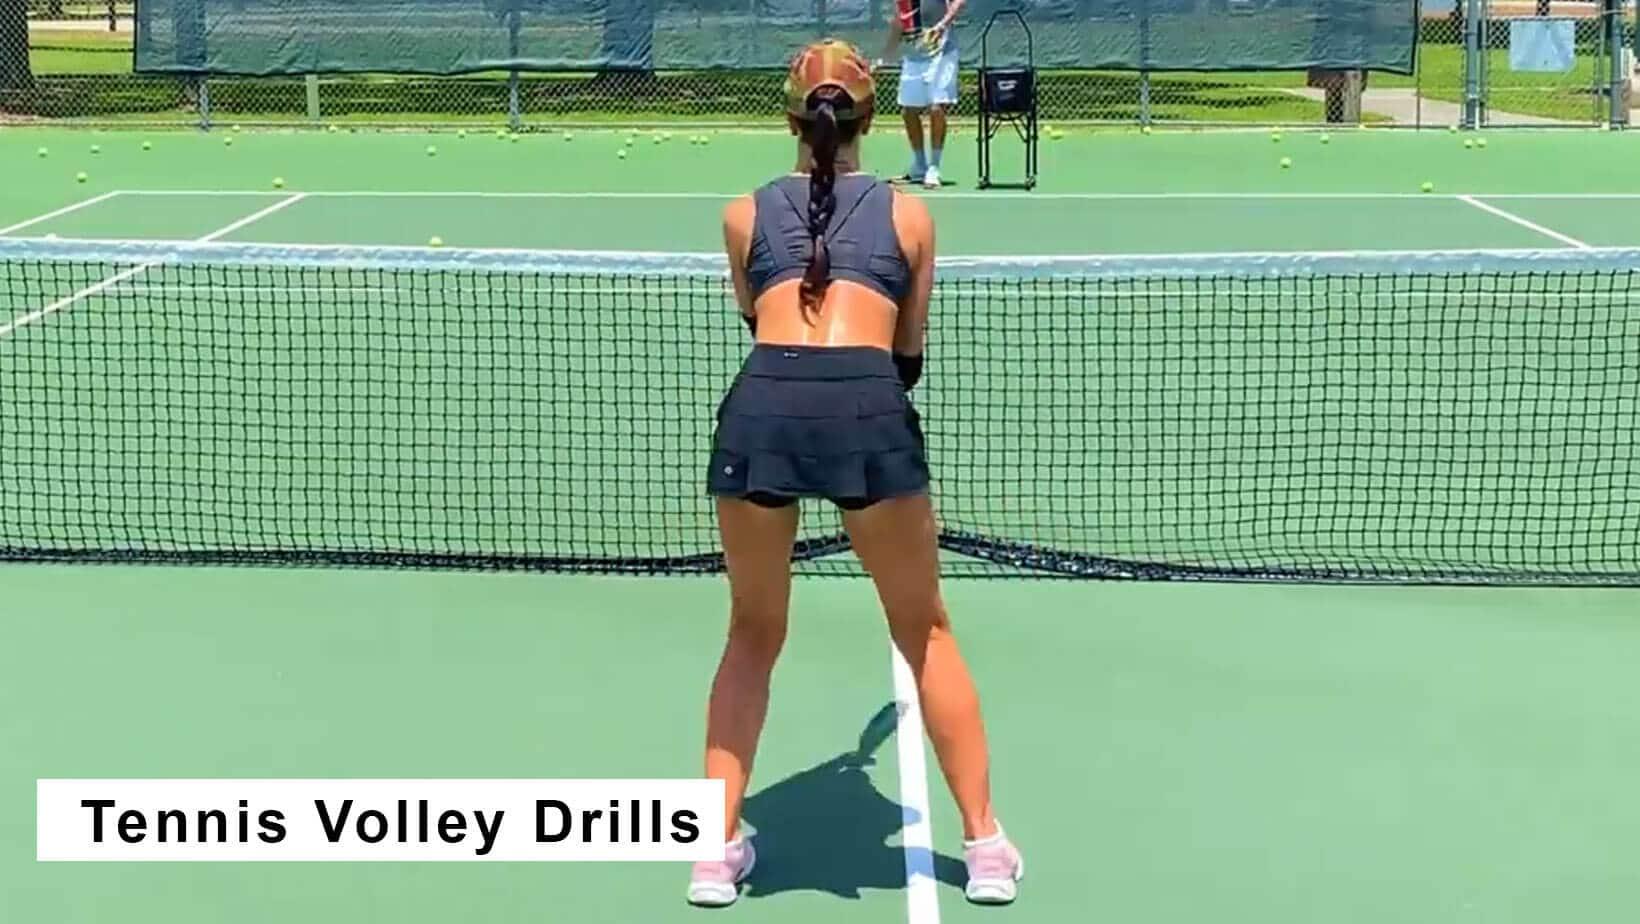 tennis volley drills